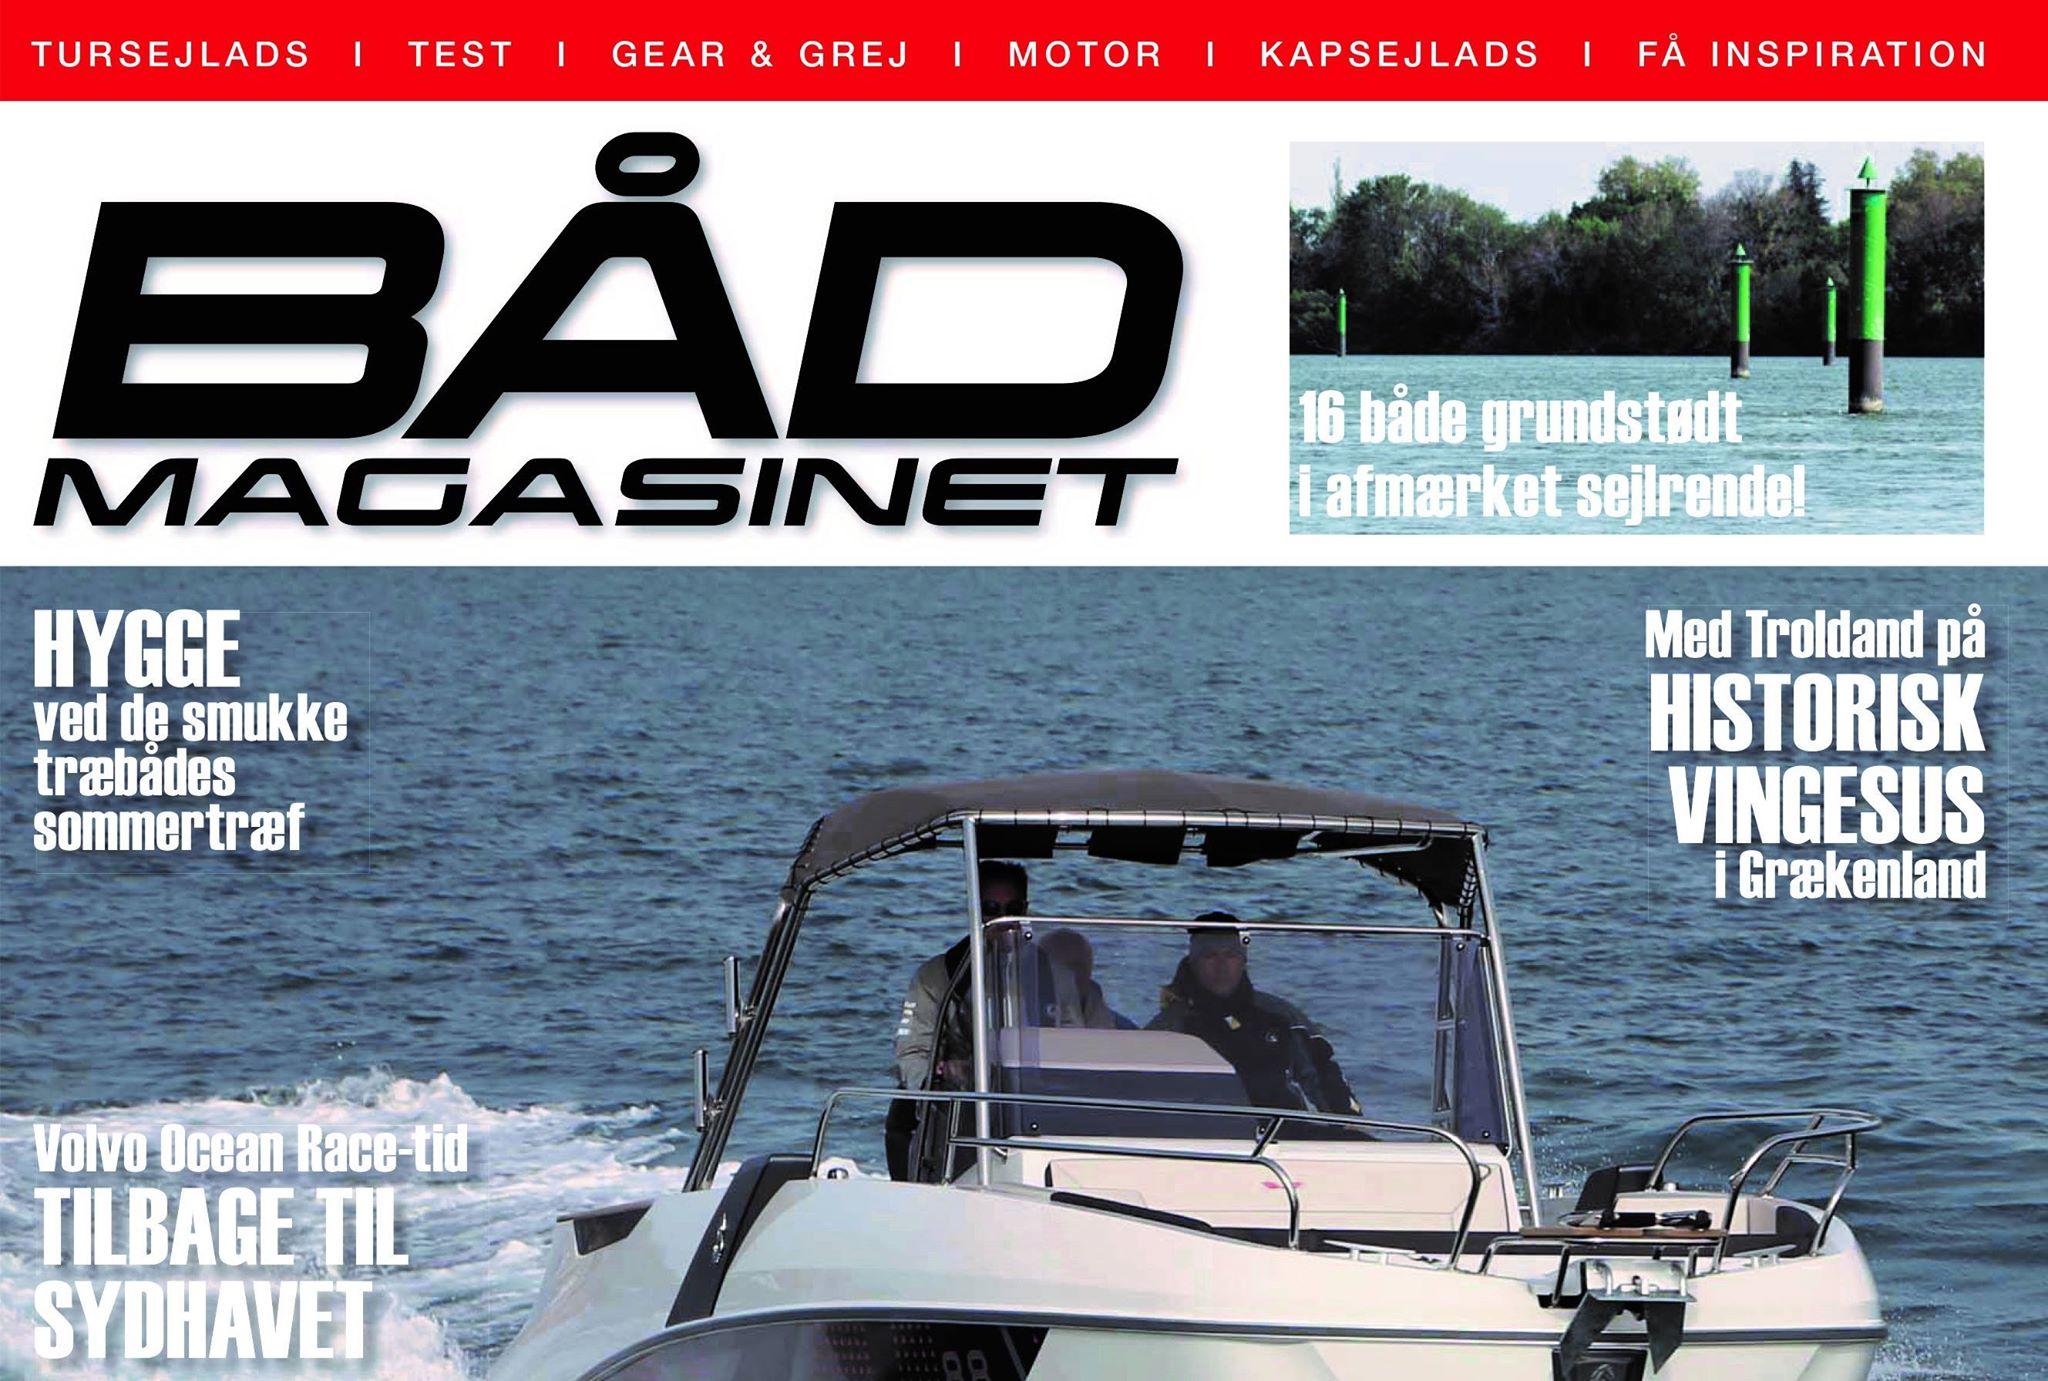 Bådmagasinet, minbaad.dk og motorbaadsnyt.dk bliver nu eneste deciderede bådmedier i Danmark. Vi ønsker vores kolleger i Rungsted tillykke.